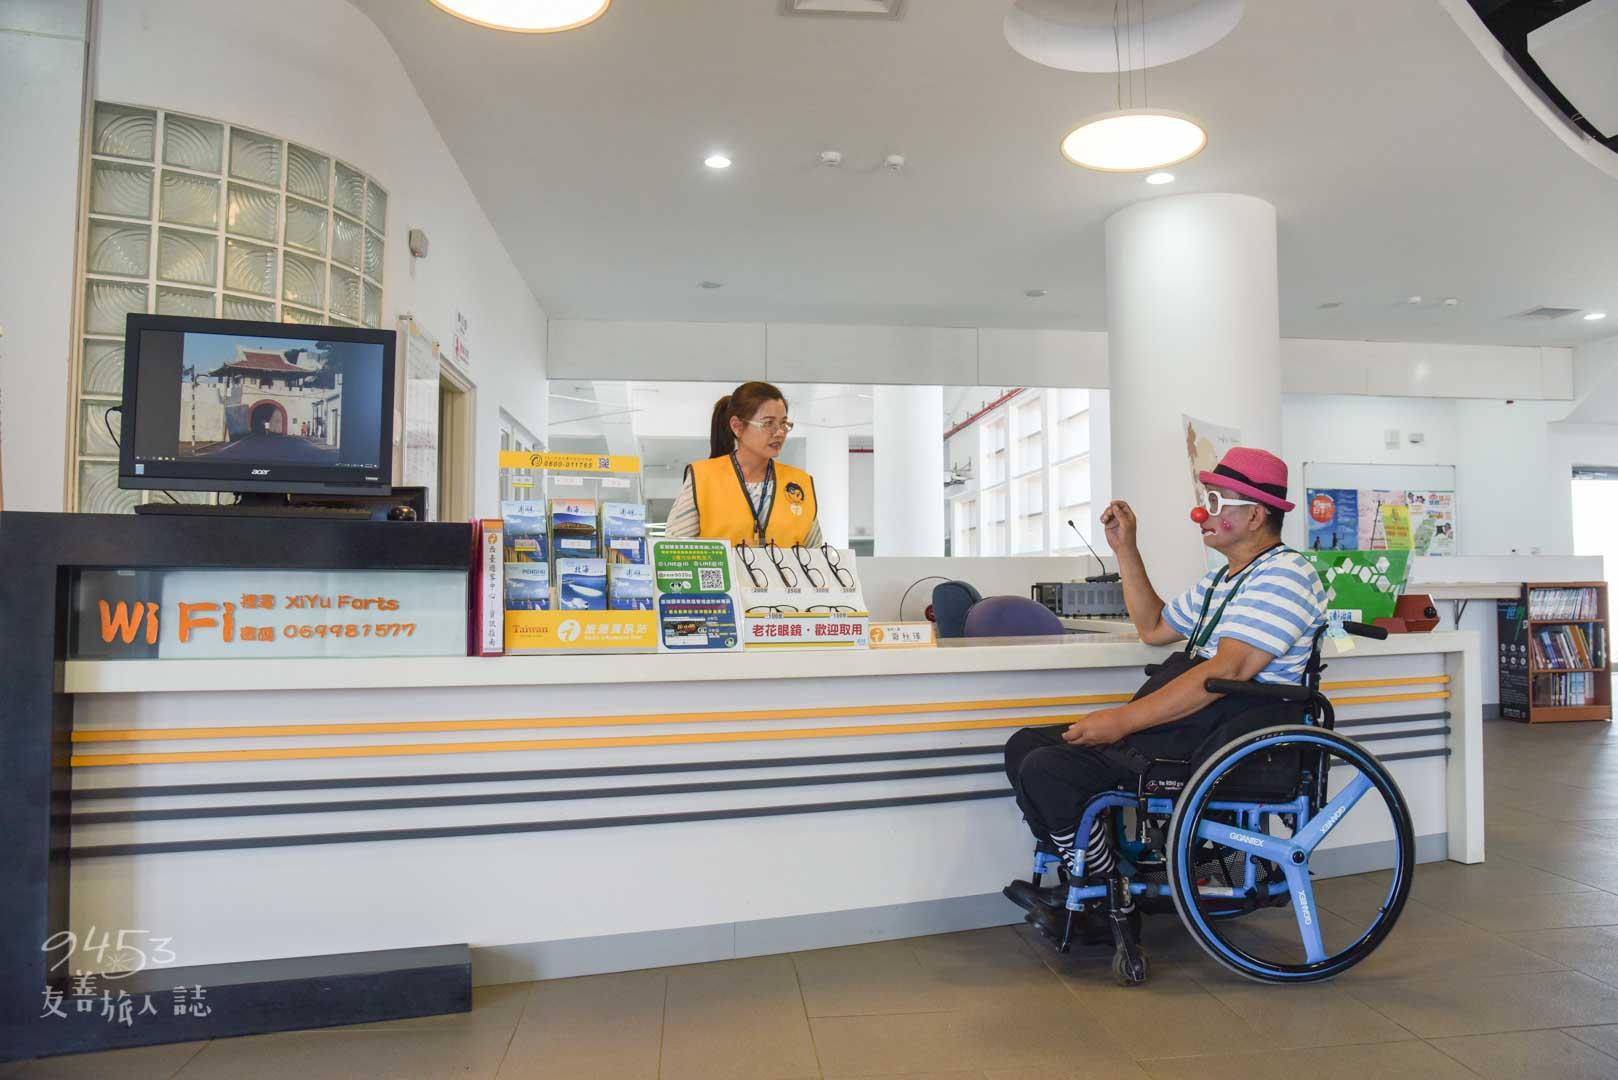 西嶼西臺遊客中心服務台